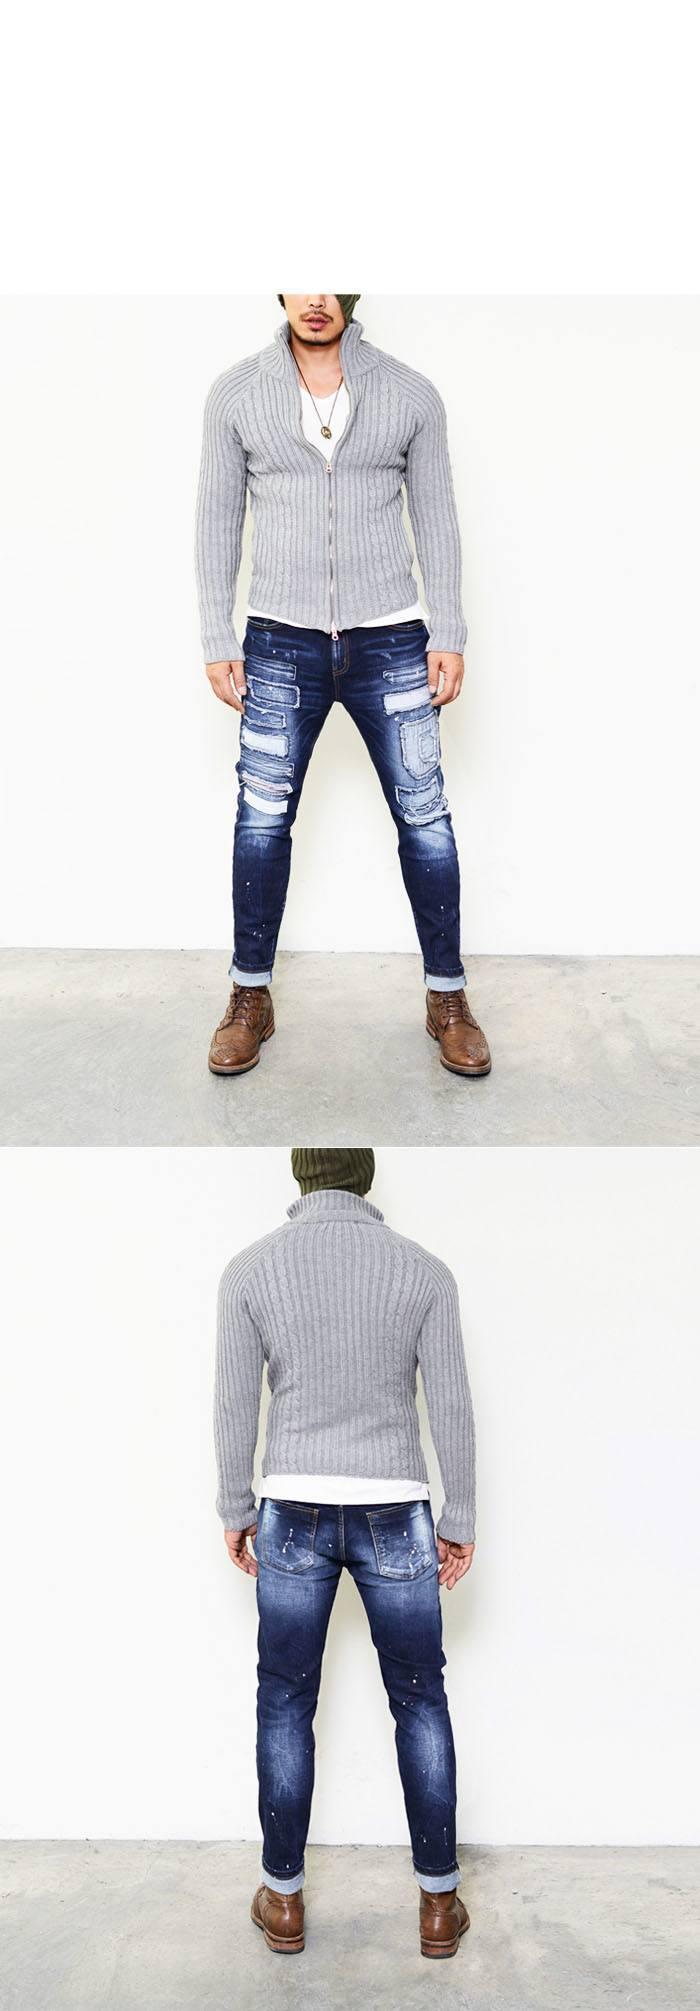 Art Damage Destroyed Skinny Jeans